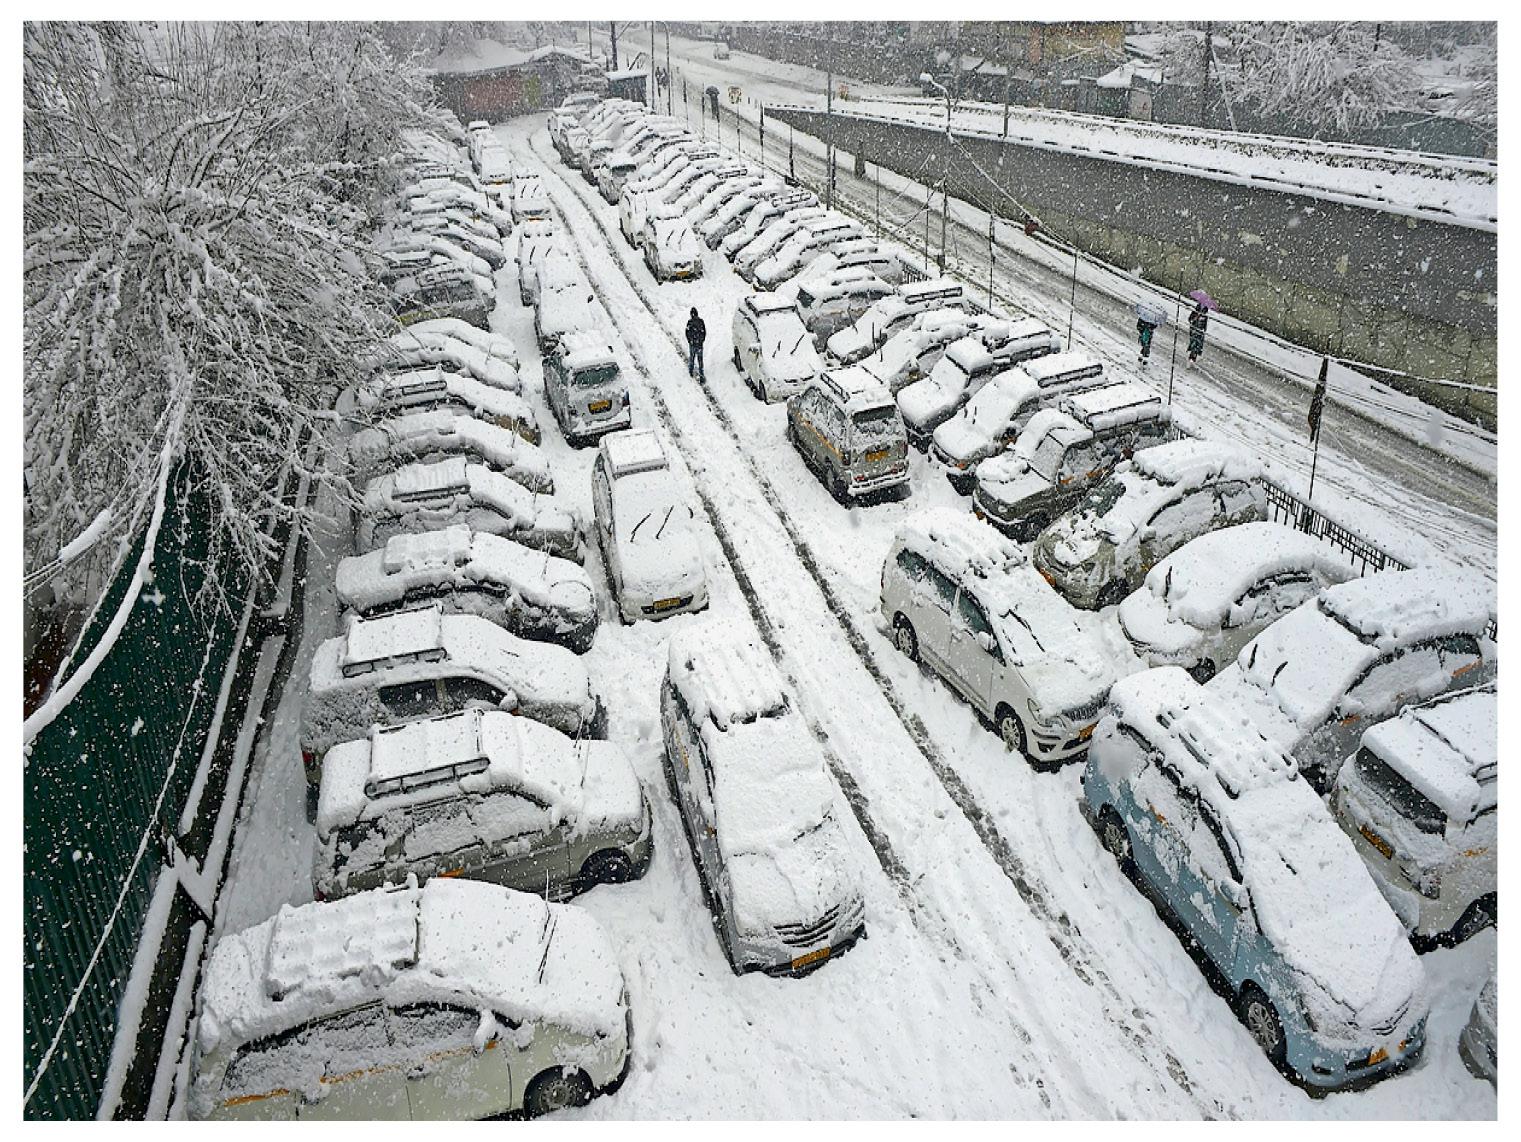 पंजाब समेत 5 राज्यों में तापमान बढ़ा; श्रीनगर में BRO ने एयरपोर्ट से बर्फ हटाई, हिमाचल में 377 सड़कें बंद|देश,National - Dainik Bhaskar